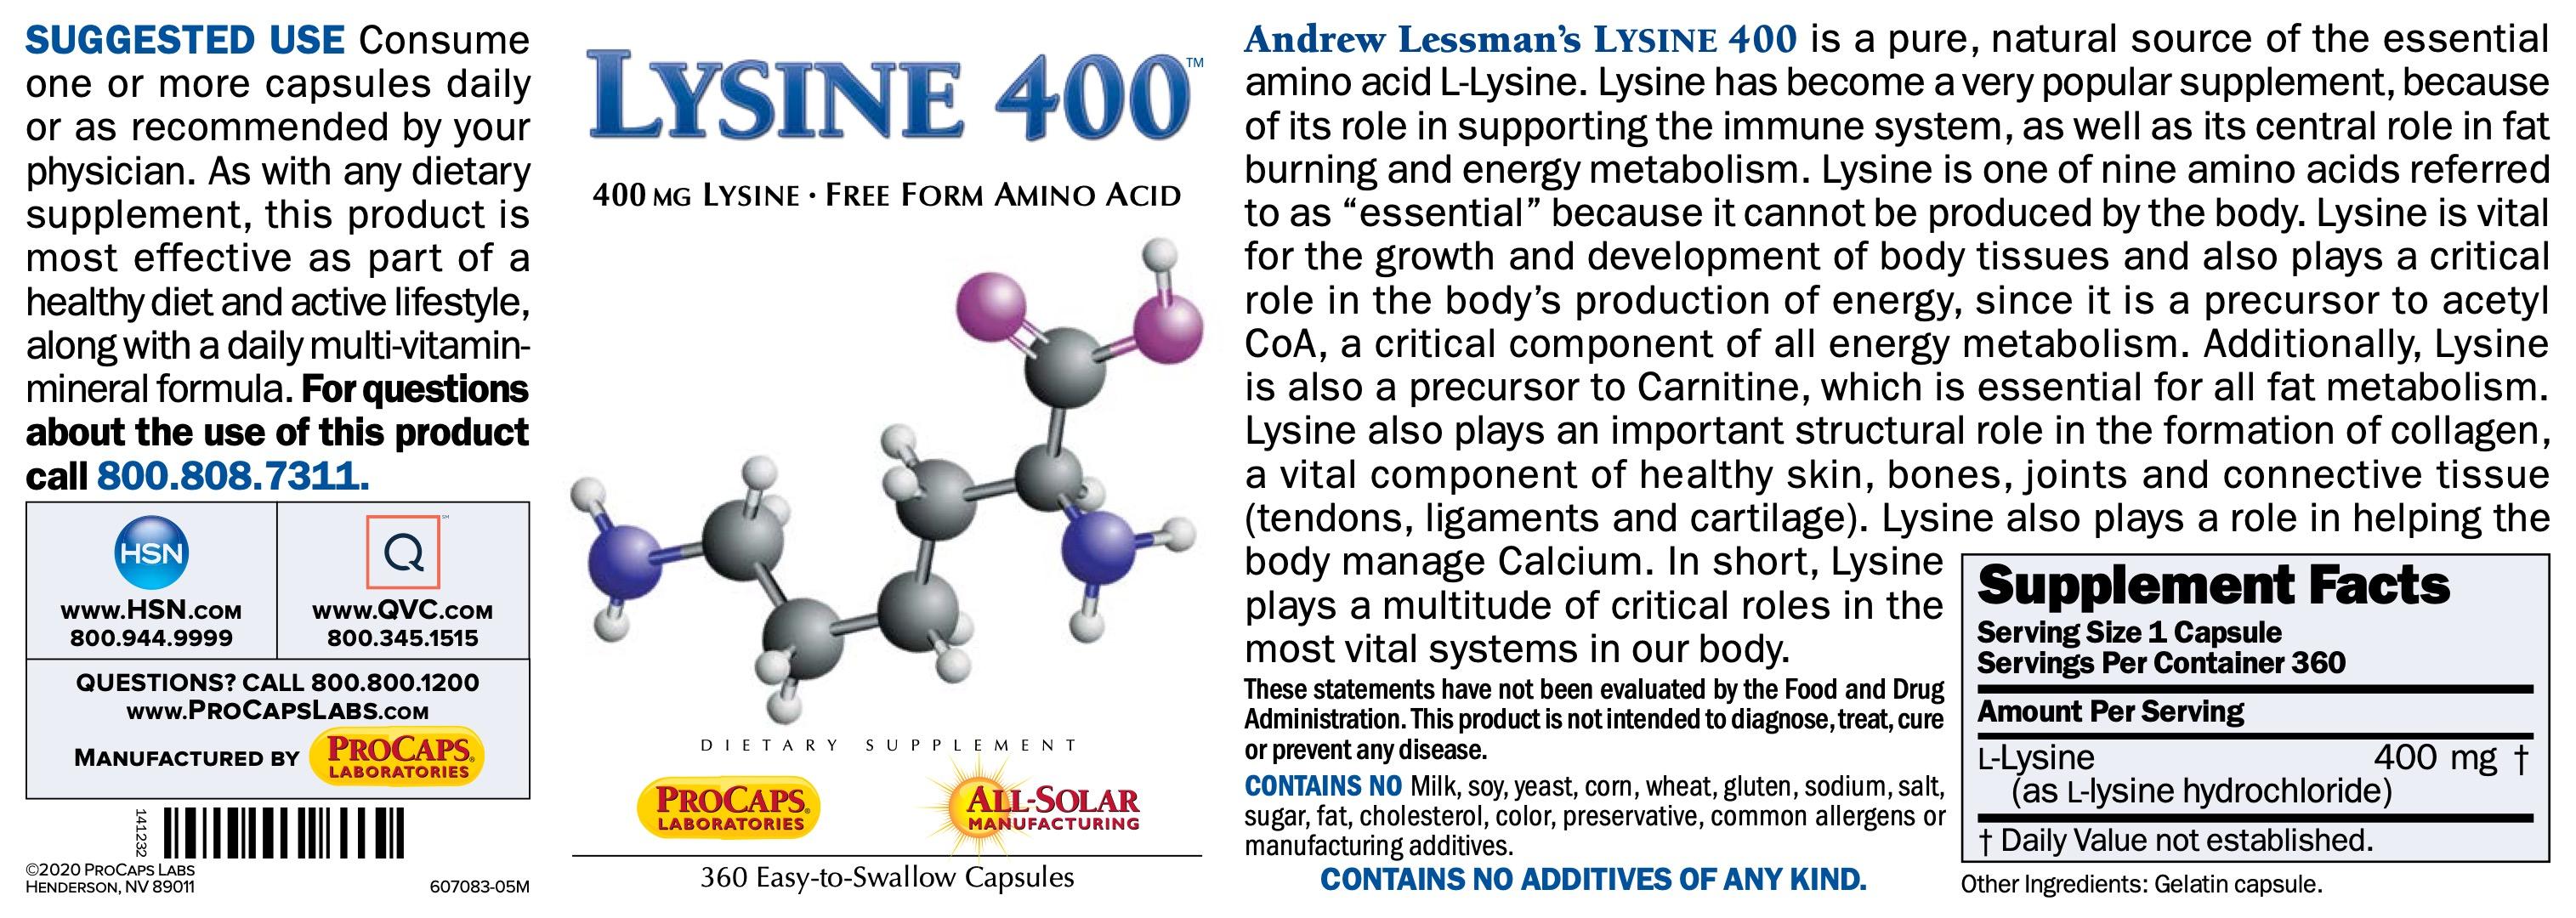 Lysine-400-Capsules-Amino-Acids